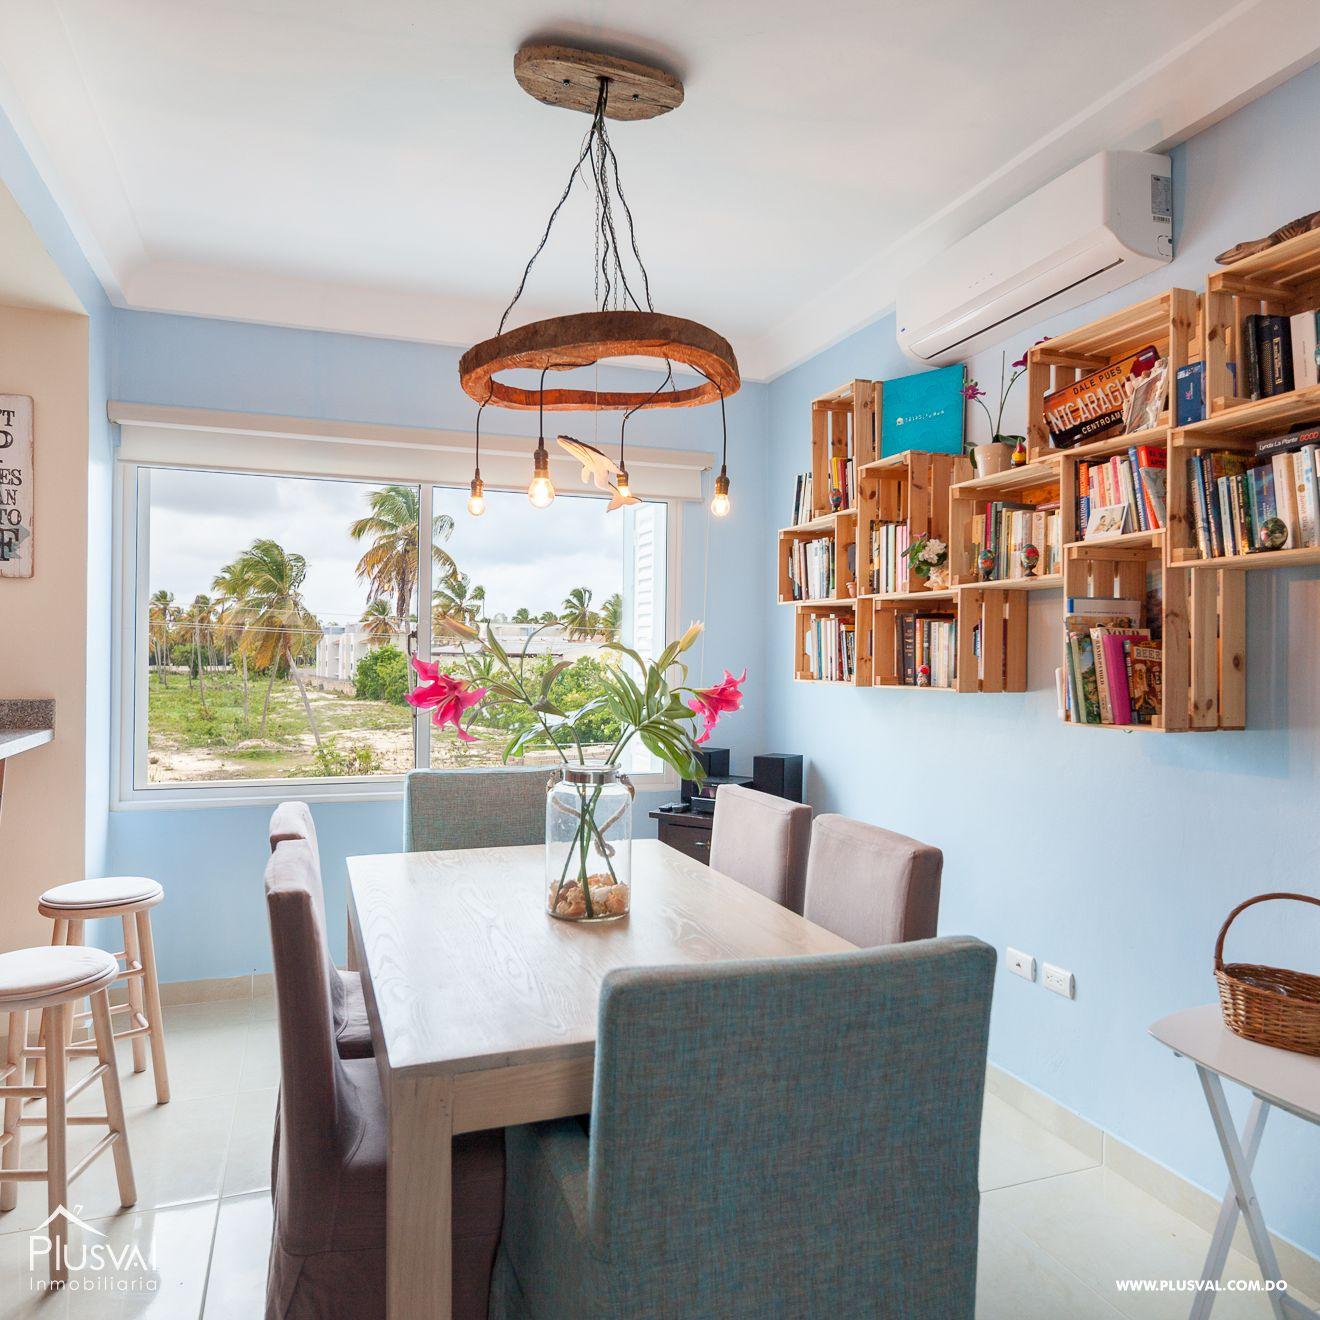 Apartamento Totalmente equipado en Venta en Complejo Turistico de 2 Habitaciones. 150937